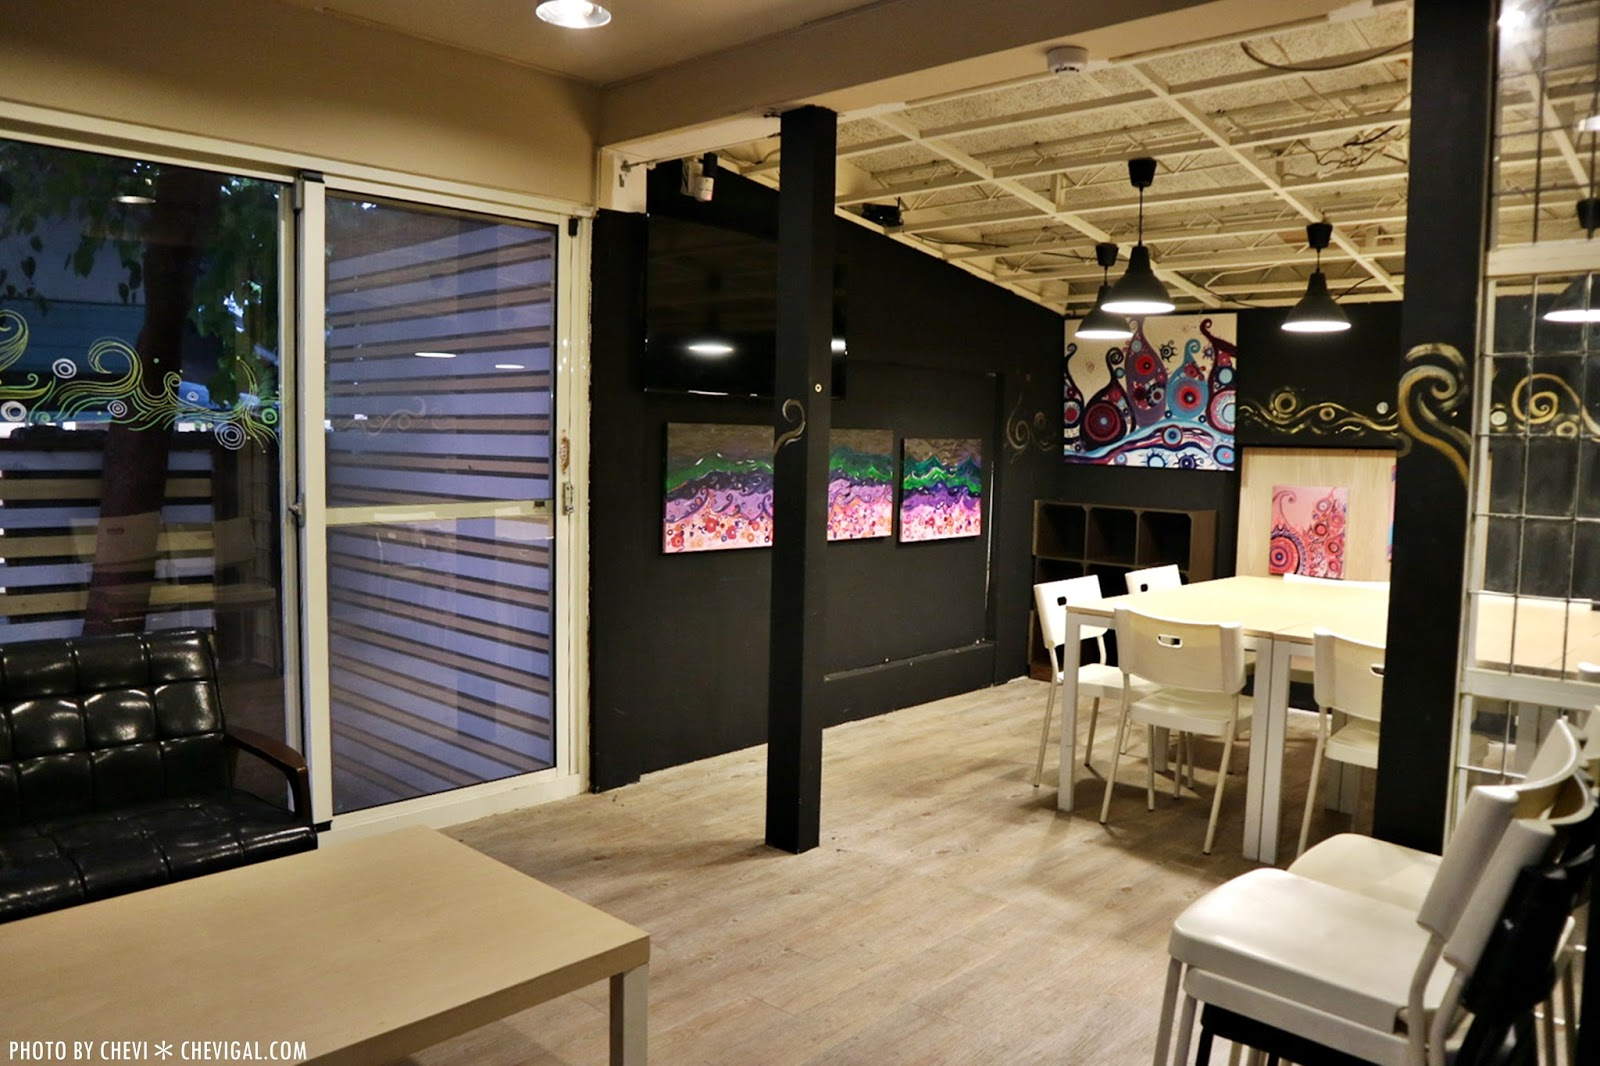 image214 - 熱血採訪│大和17。日式建築的運動主題餐館。自在氣氛包場好地方。臺虎精釀也能喝得到